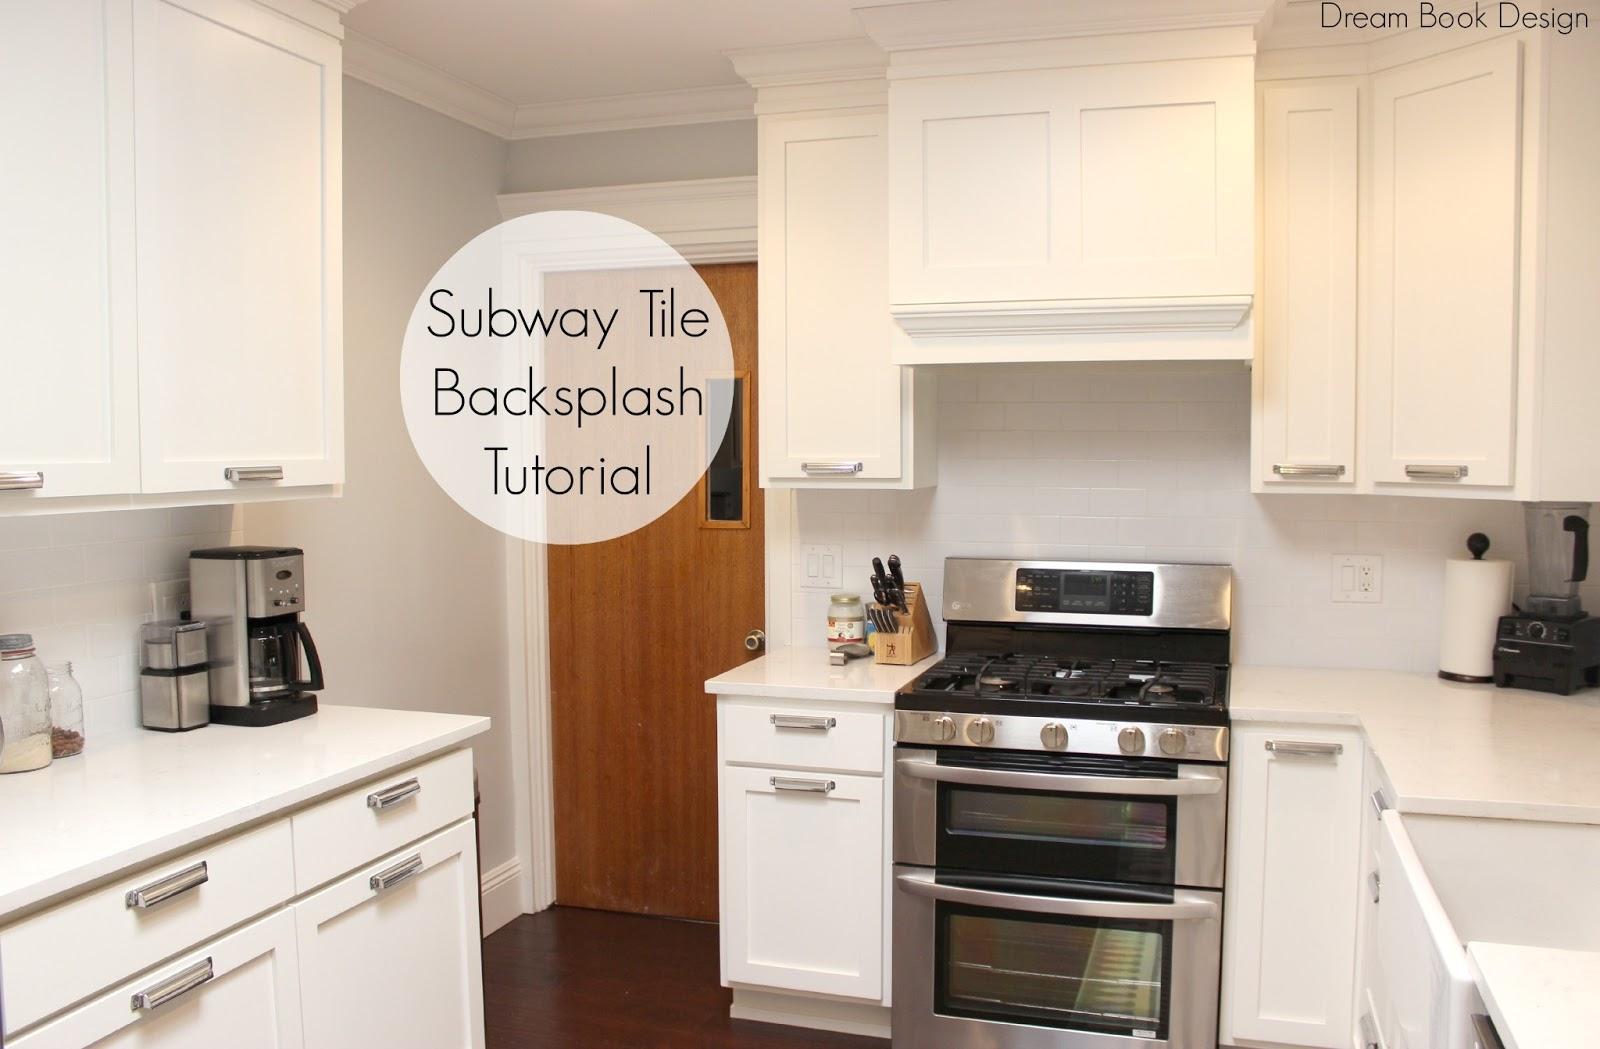 subway tile for kitchen large sink dimensions easy diy backsplash tutorial dream book design